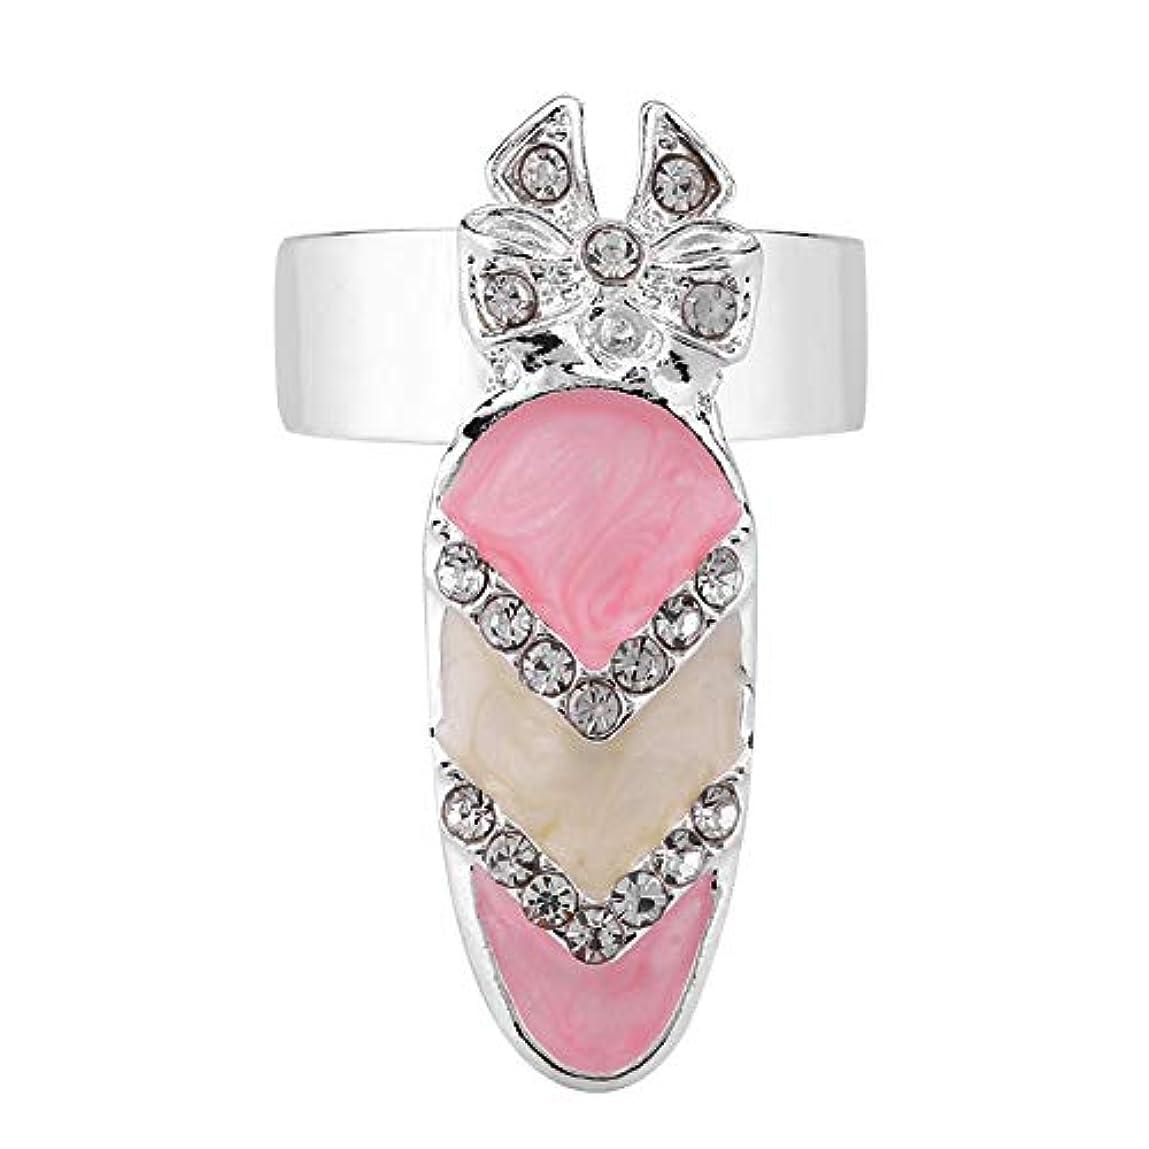 戸棚チャールズキージング調和Semmeちょう結びのナックルの釘のリング、指の釘の指輪6種類のちょう結びの水晶指の釘の芸術のリングの女性の贅沢な指の釘のリングの方法ちょう結びの釘の釘のリングの装飾(5#)